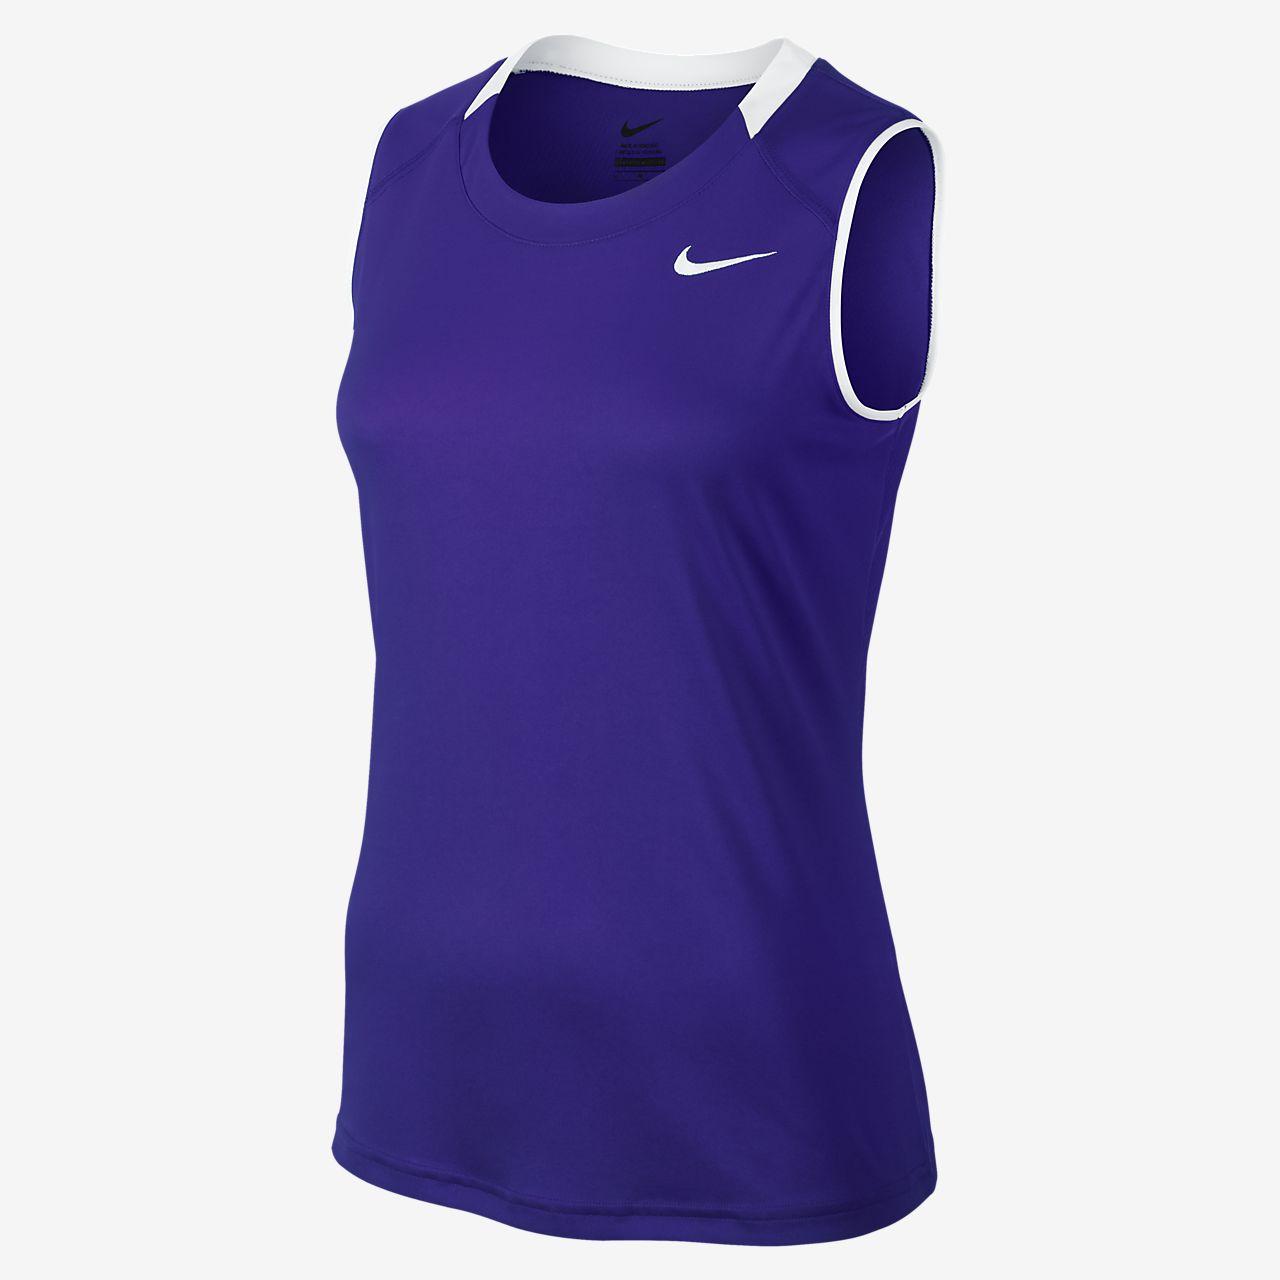 Low Resolution Nike Respect Women's Lacrosse Jersey Nike Respect Women's  Lacrosse Jersey